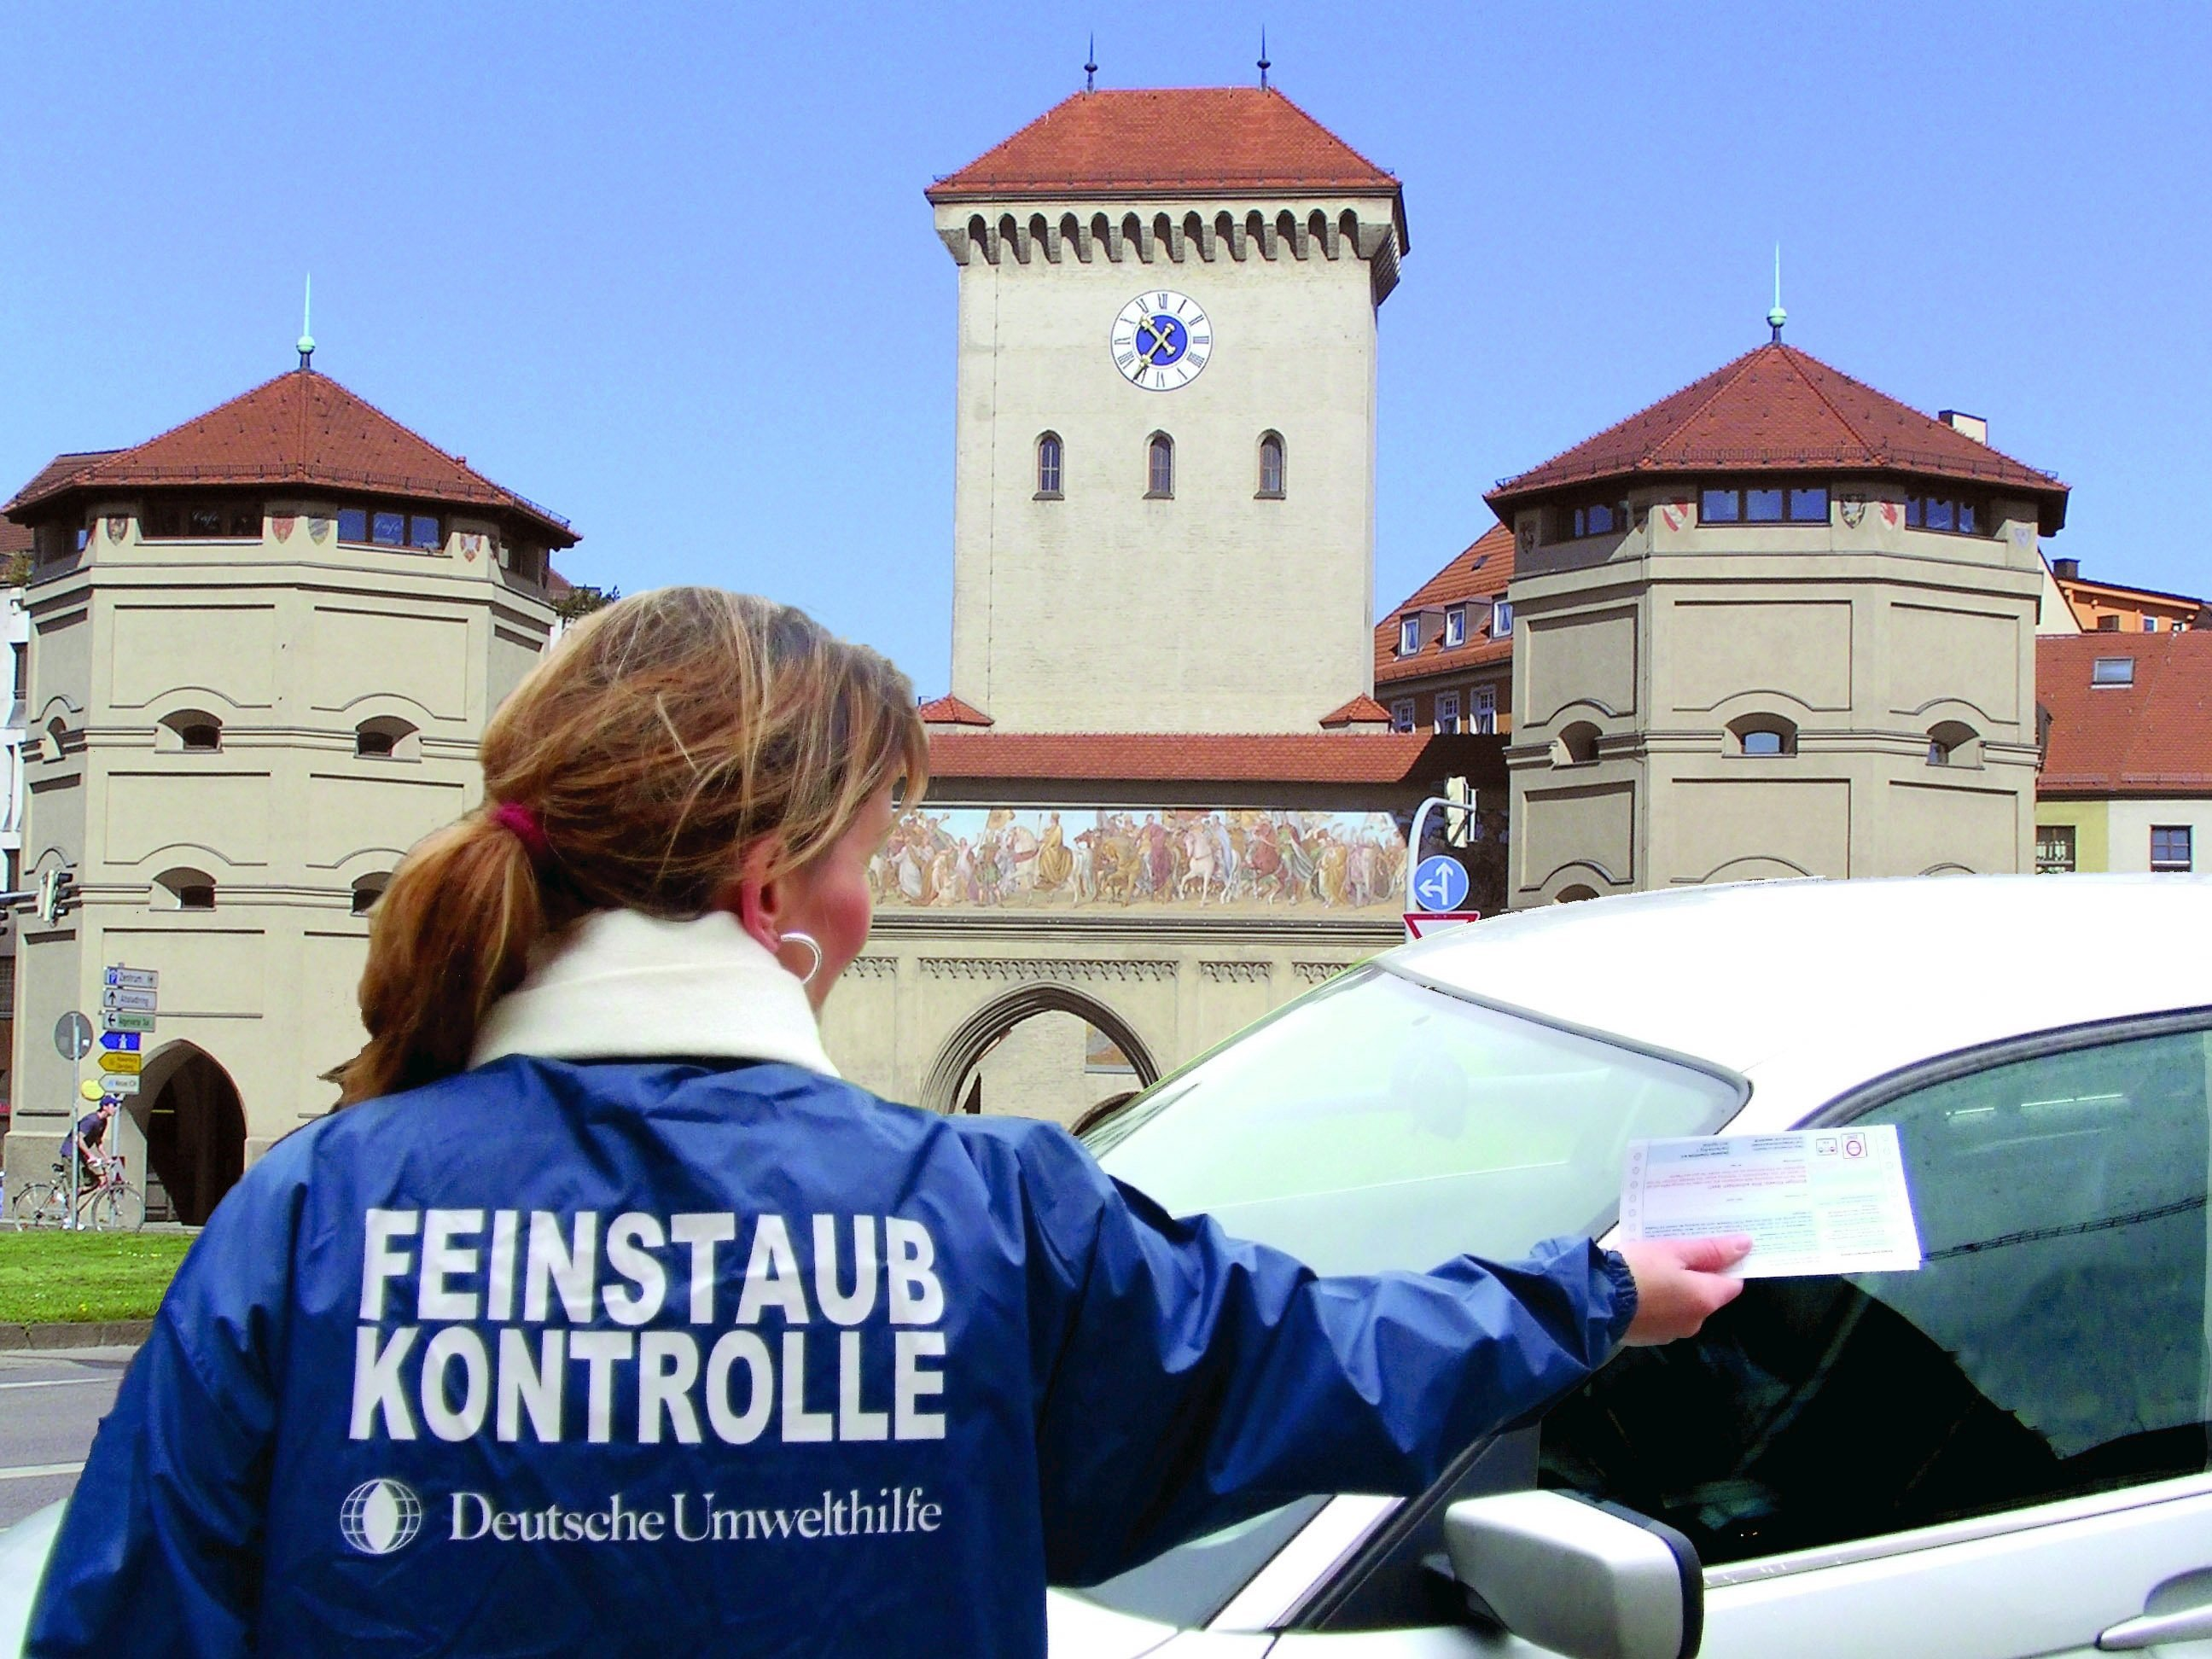 Feinstaub-Teams der Deutschen Umwelthilfe kontrollieren in Umweltzonen, ob die Autos korrekt mit Plakette gekennzeichnet sind und bringen Verstöße zur Anzeige. Der Verein wirft dem Bundesverkehrsministerium vor, CO2-Prüfberichte zurückzuhalten.